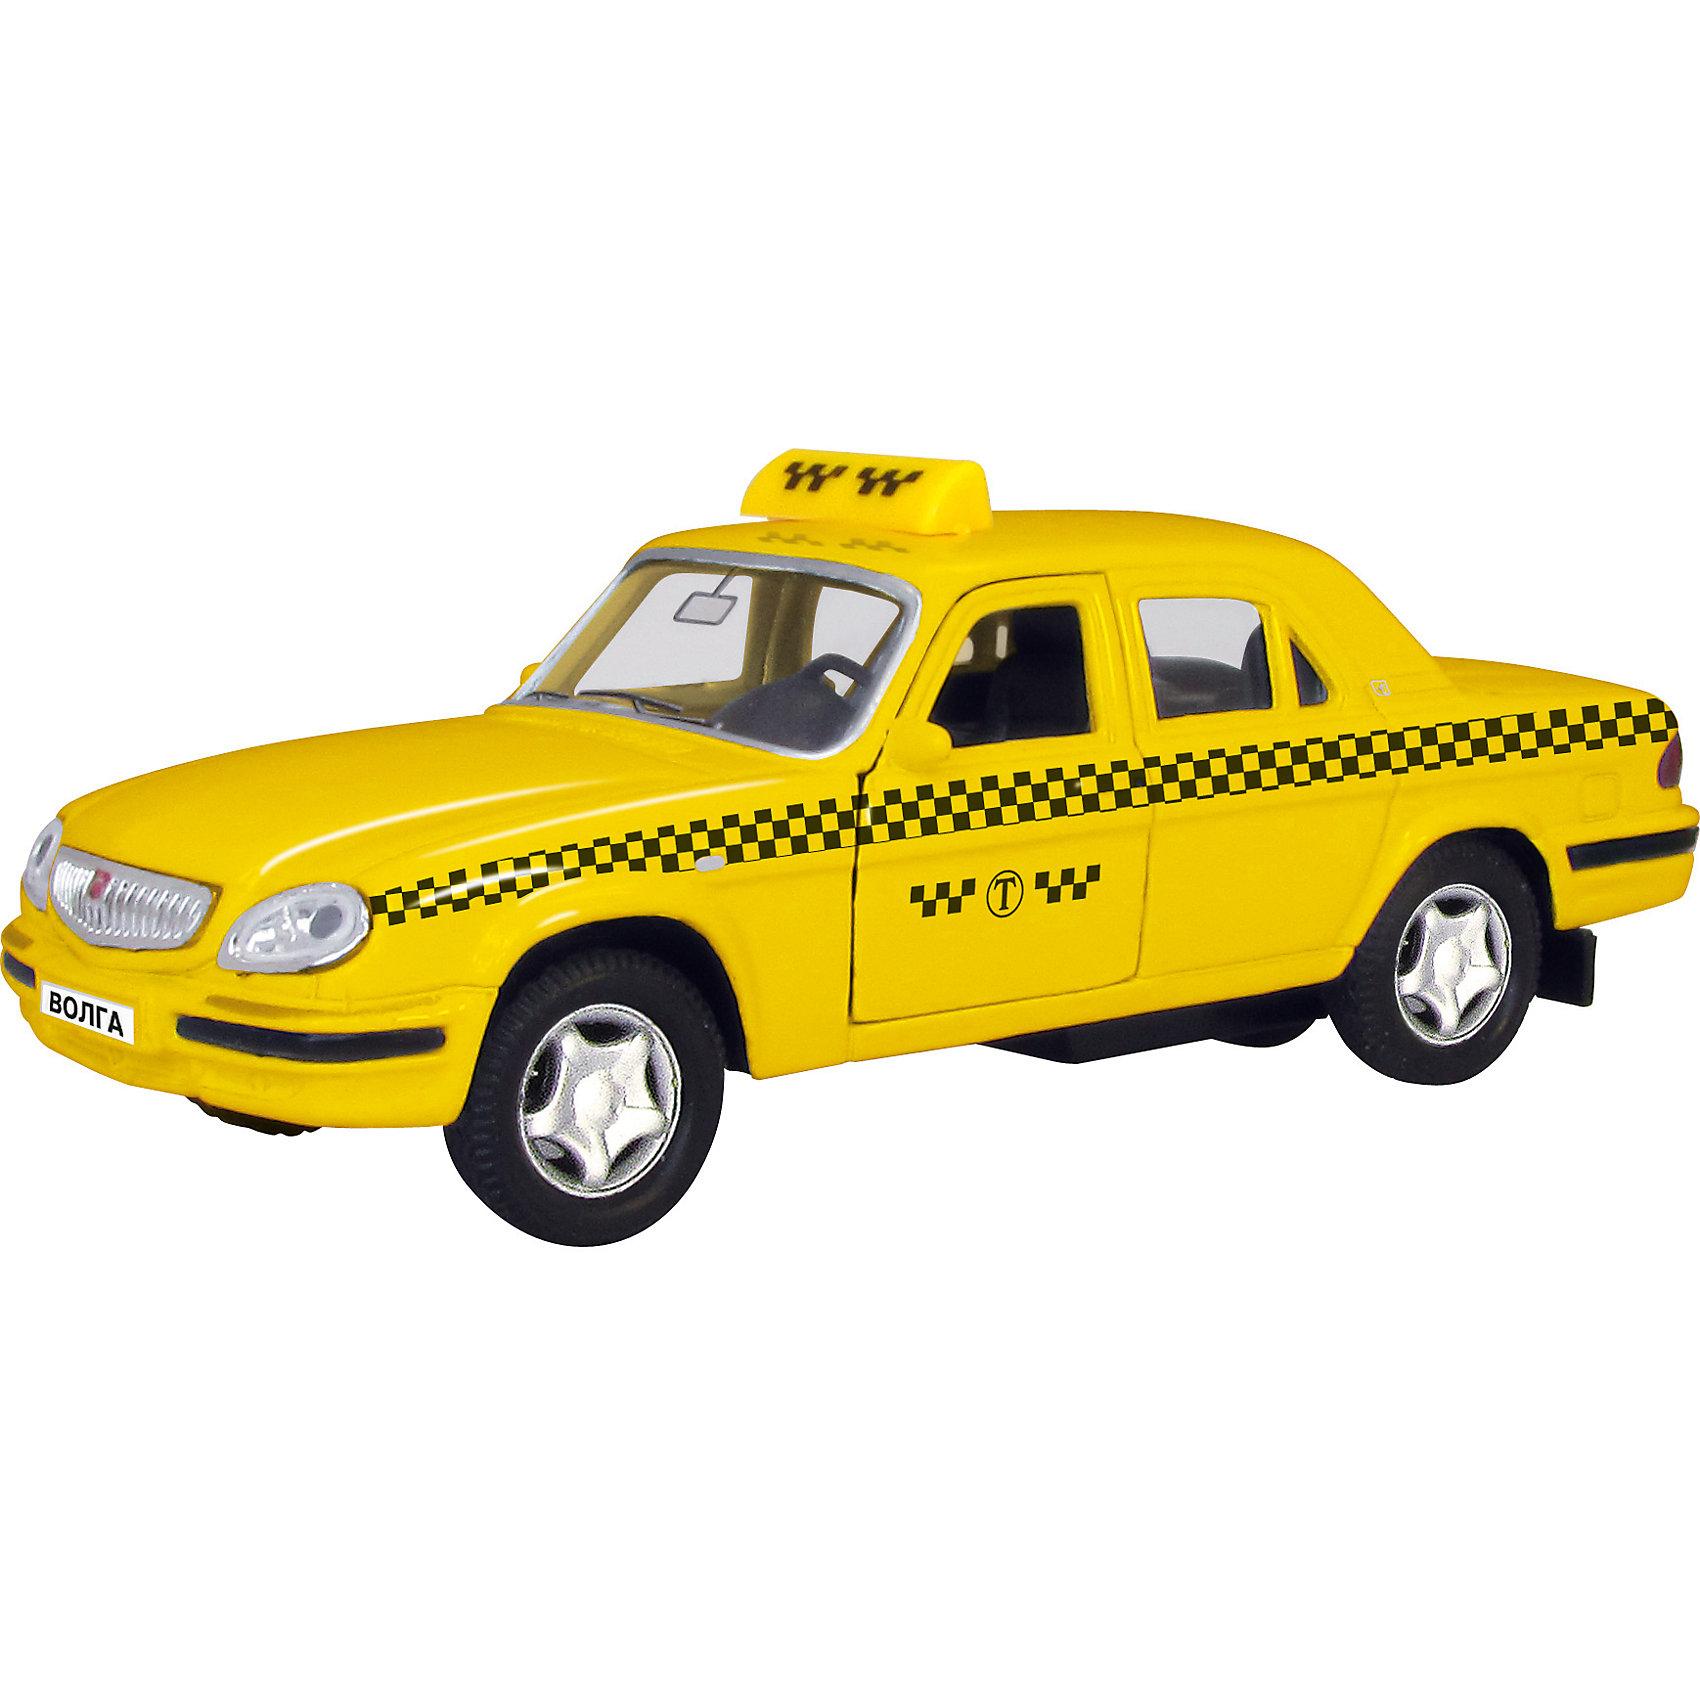 Машинка ГАЗ-31105 Волга такси 1:43, AutotimeМашинки<br>Характеристики товара:<br><br>• цвет: желтый<br>• материал: металл, пластик<br>• размер: 16х7,5х5,7 см<br>• вес: 100 г<br>• масштаб: 1:43<br>• прочный материал<br>• хорошая детализация<br>• открываются двери<br>• вращаются колеса<br>• коллекционная<br>• страна бренда: Россия<br>• страна производства: Китай<br><br>Металлическая машинка ГАЗ-31105 Волга от бренда AUTOTIME придется по душе мальчикам. Это идеальный подарок для ценителя и коллекционера автомобилей, которые выполнены с подробной детализацией. Игрушка является настоящей копией машины «Волга». Двери машинки открываются свободно, колеса вращаются. Поэтому она может стать и частью коллекции, и выступать отдельной игрушкой.<br><br>Машинка может выполнять сразу несколько функций: развлекать ребенка, помогать вырабатывать практические качества: ловкость, координацию, мелкую моторику. Также в процессе увлекательной игры развивается фантазия ребенка. Изделие выполнено из сертифицированных материалов, безопасных для детей.<br><br>Машинку ГАЗ-31105 Волга такси от бренда AUTOTIME можно купить в нашем интернет-магазине.<br><br>Ширина мм: 165<br>Глубина мм: 57<br>Высота мм: 75<br>Вес г: 13<br>Возраст от месяцев: 36<br>Возраст до месяцев: 2147483647<br>Пол: Мужской<br>Возраст: Детский<br>SKU: 5583974